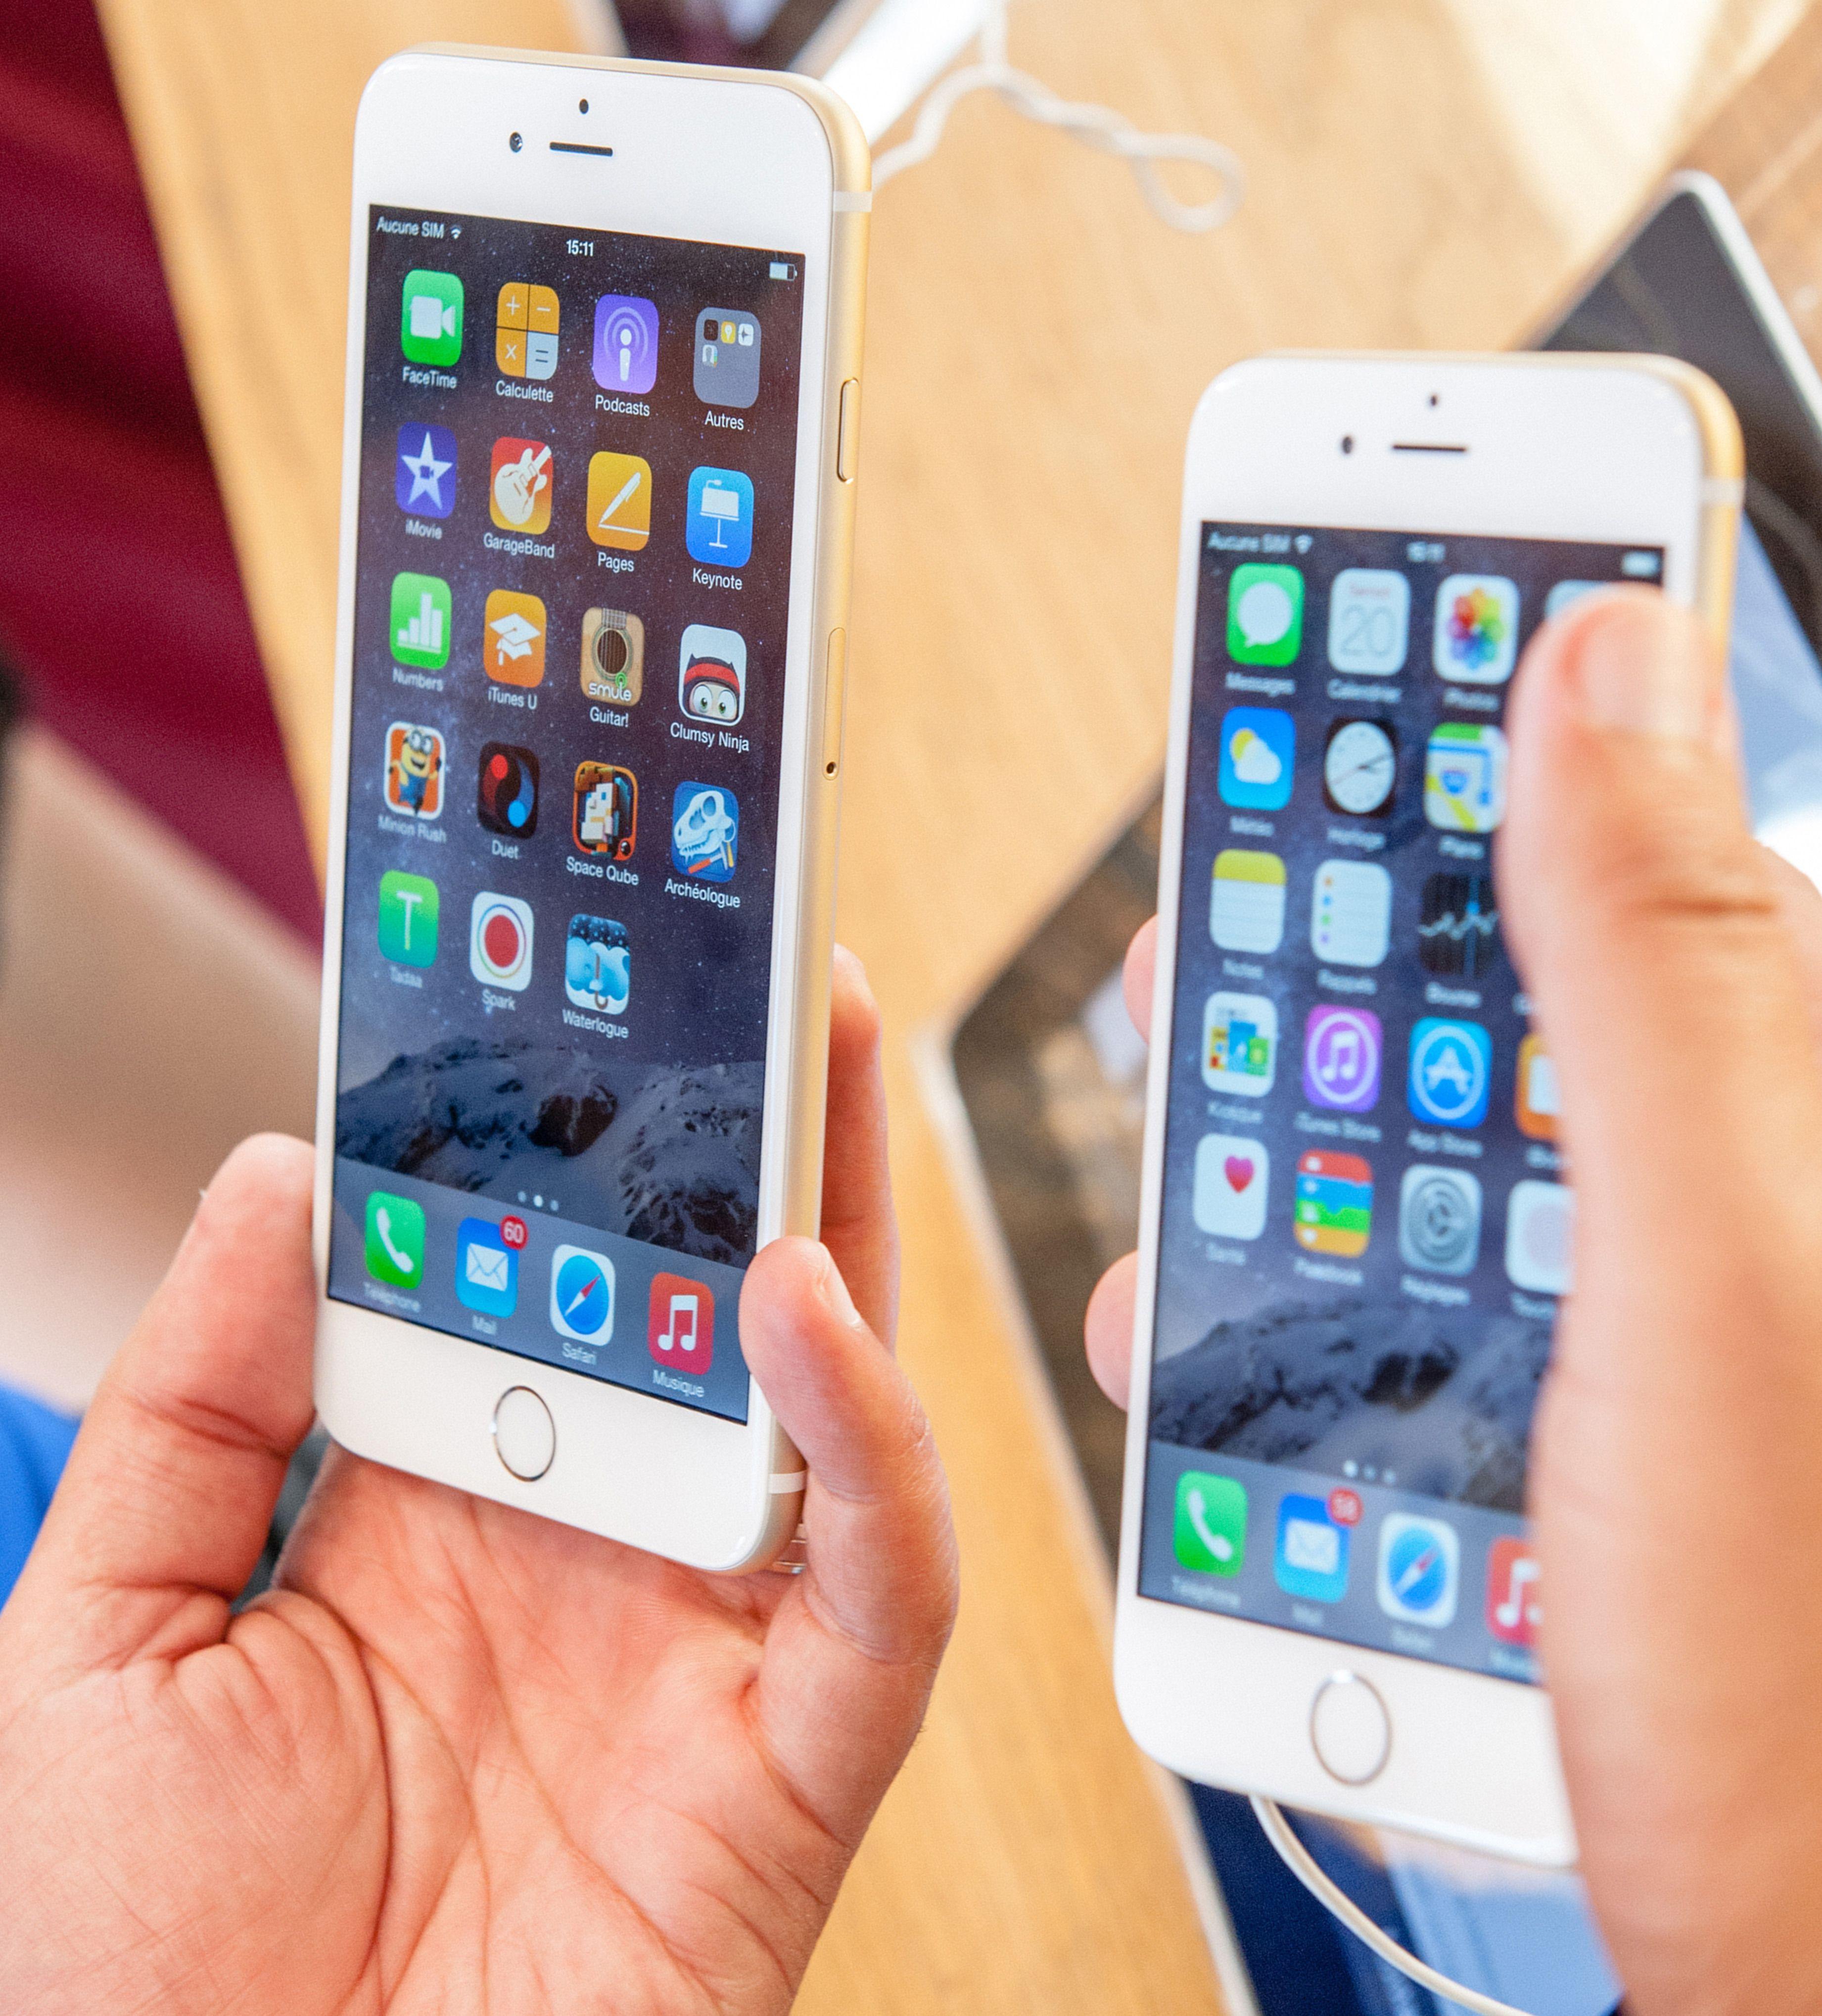 Med overgangen til iOS 8 er kryptering automatisk aktivert for alle iOS-enheter. Har du en eldre enhet bør du aktivere kryptering, eller fylle opp lagringsplassen før du eventuelt gir fra deg telefonen.Foto: Hadrian / Shutterstock.com